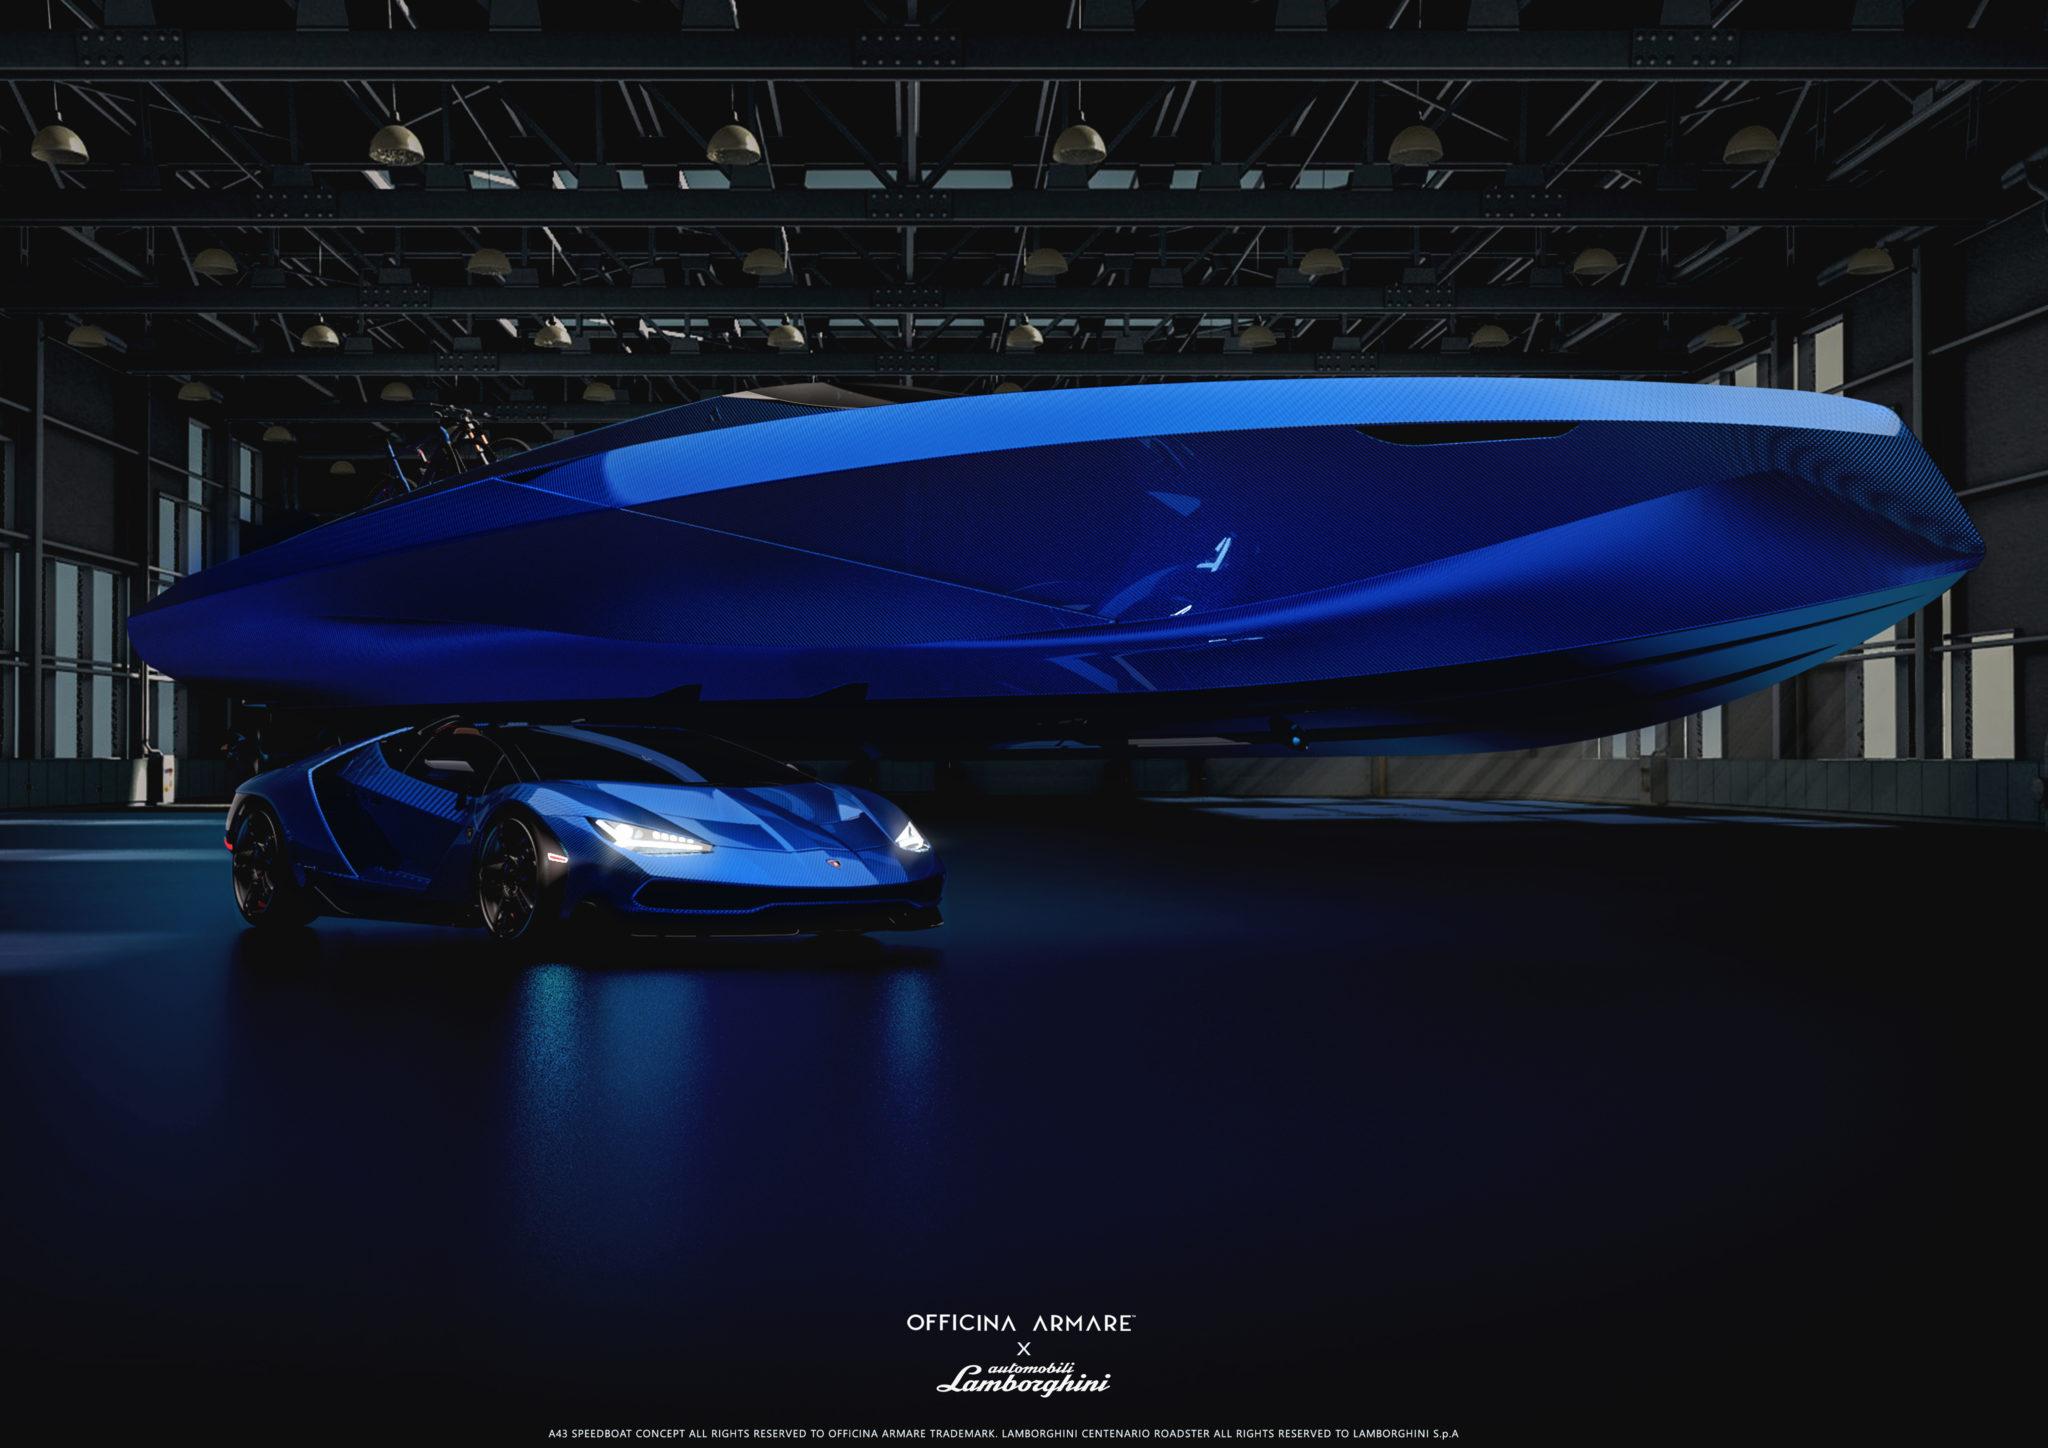 Lamborghini-inspired luxury day cruiser A43 fromOfficina Armare Design